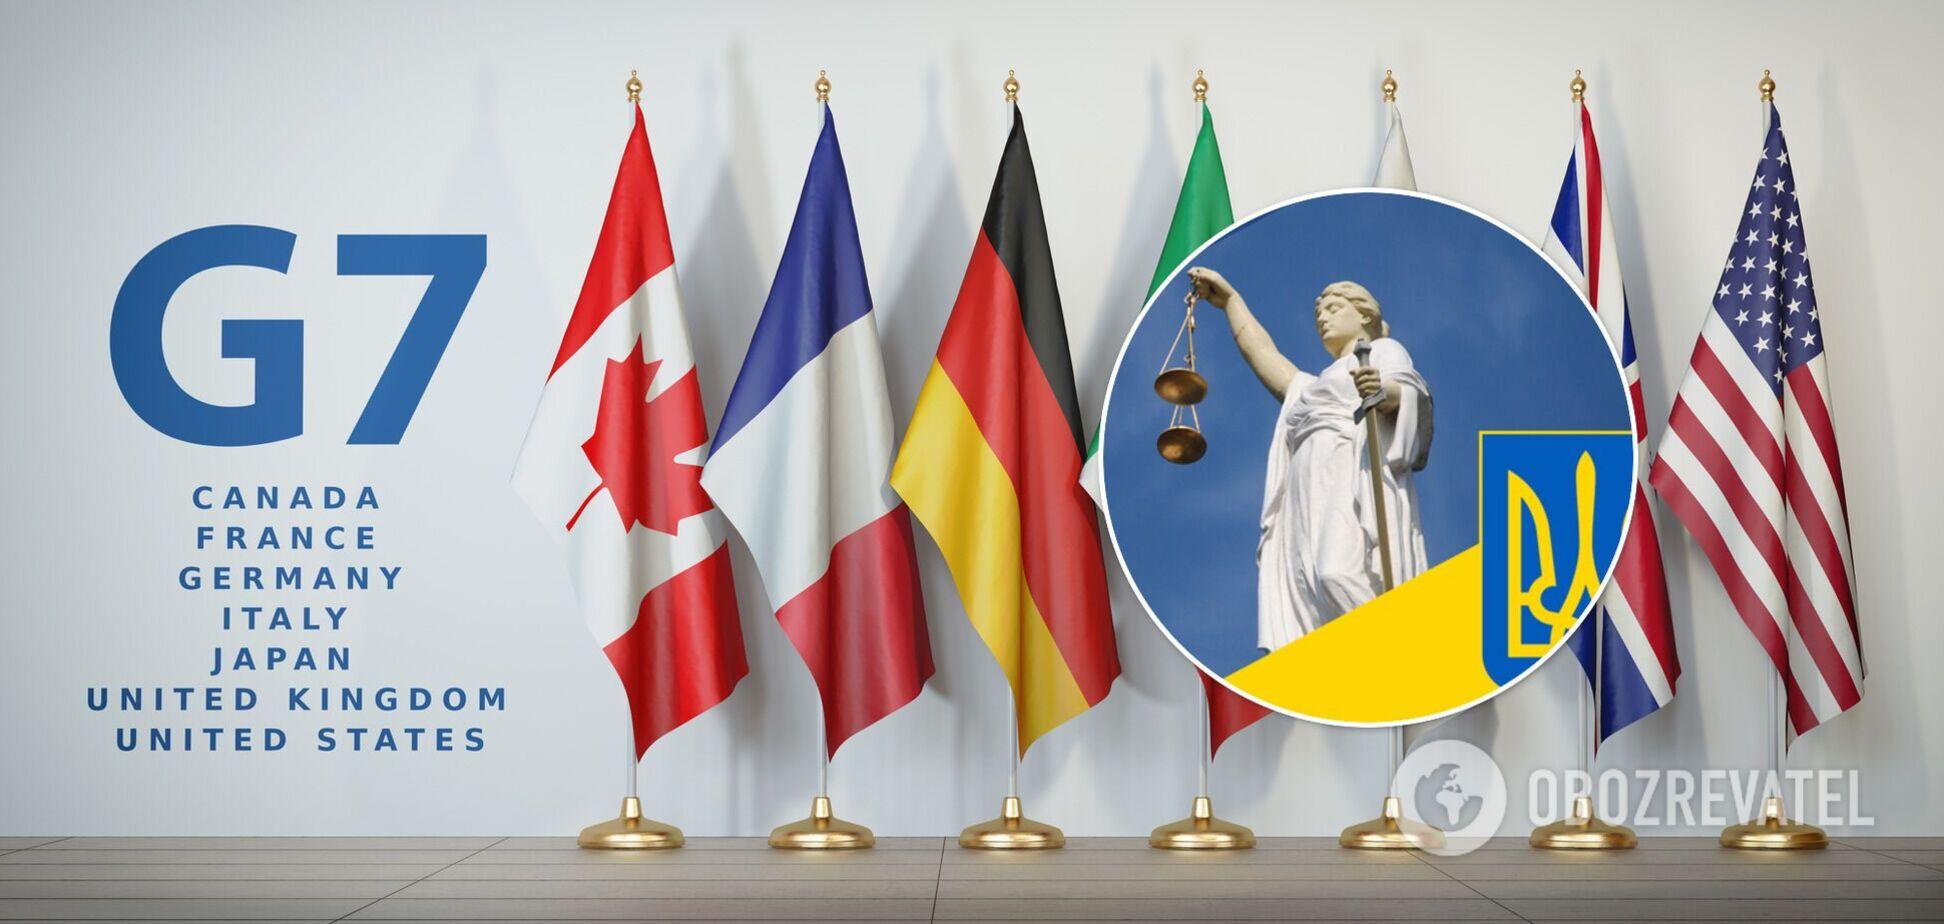 Послы G7 заявили, что обеспокоены процессом судебной реформы в Украине